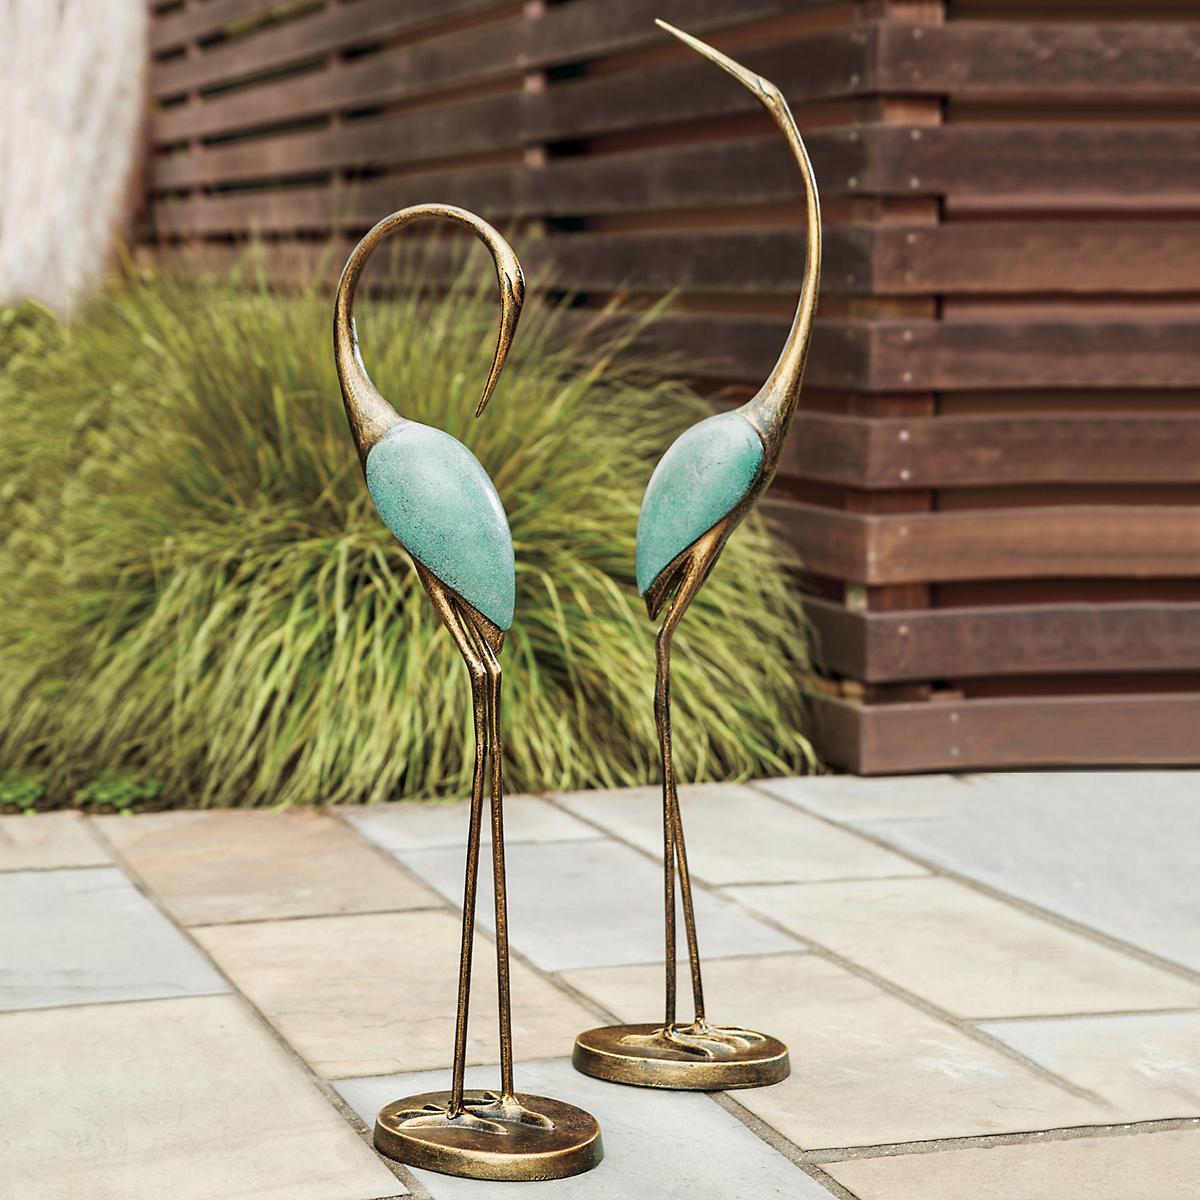 Garden Cranes